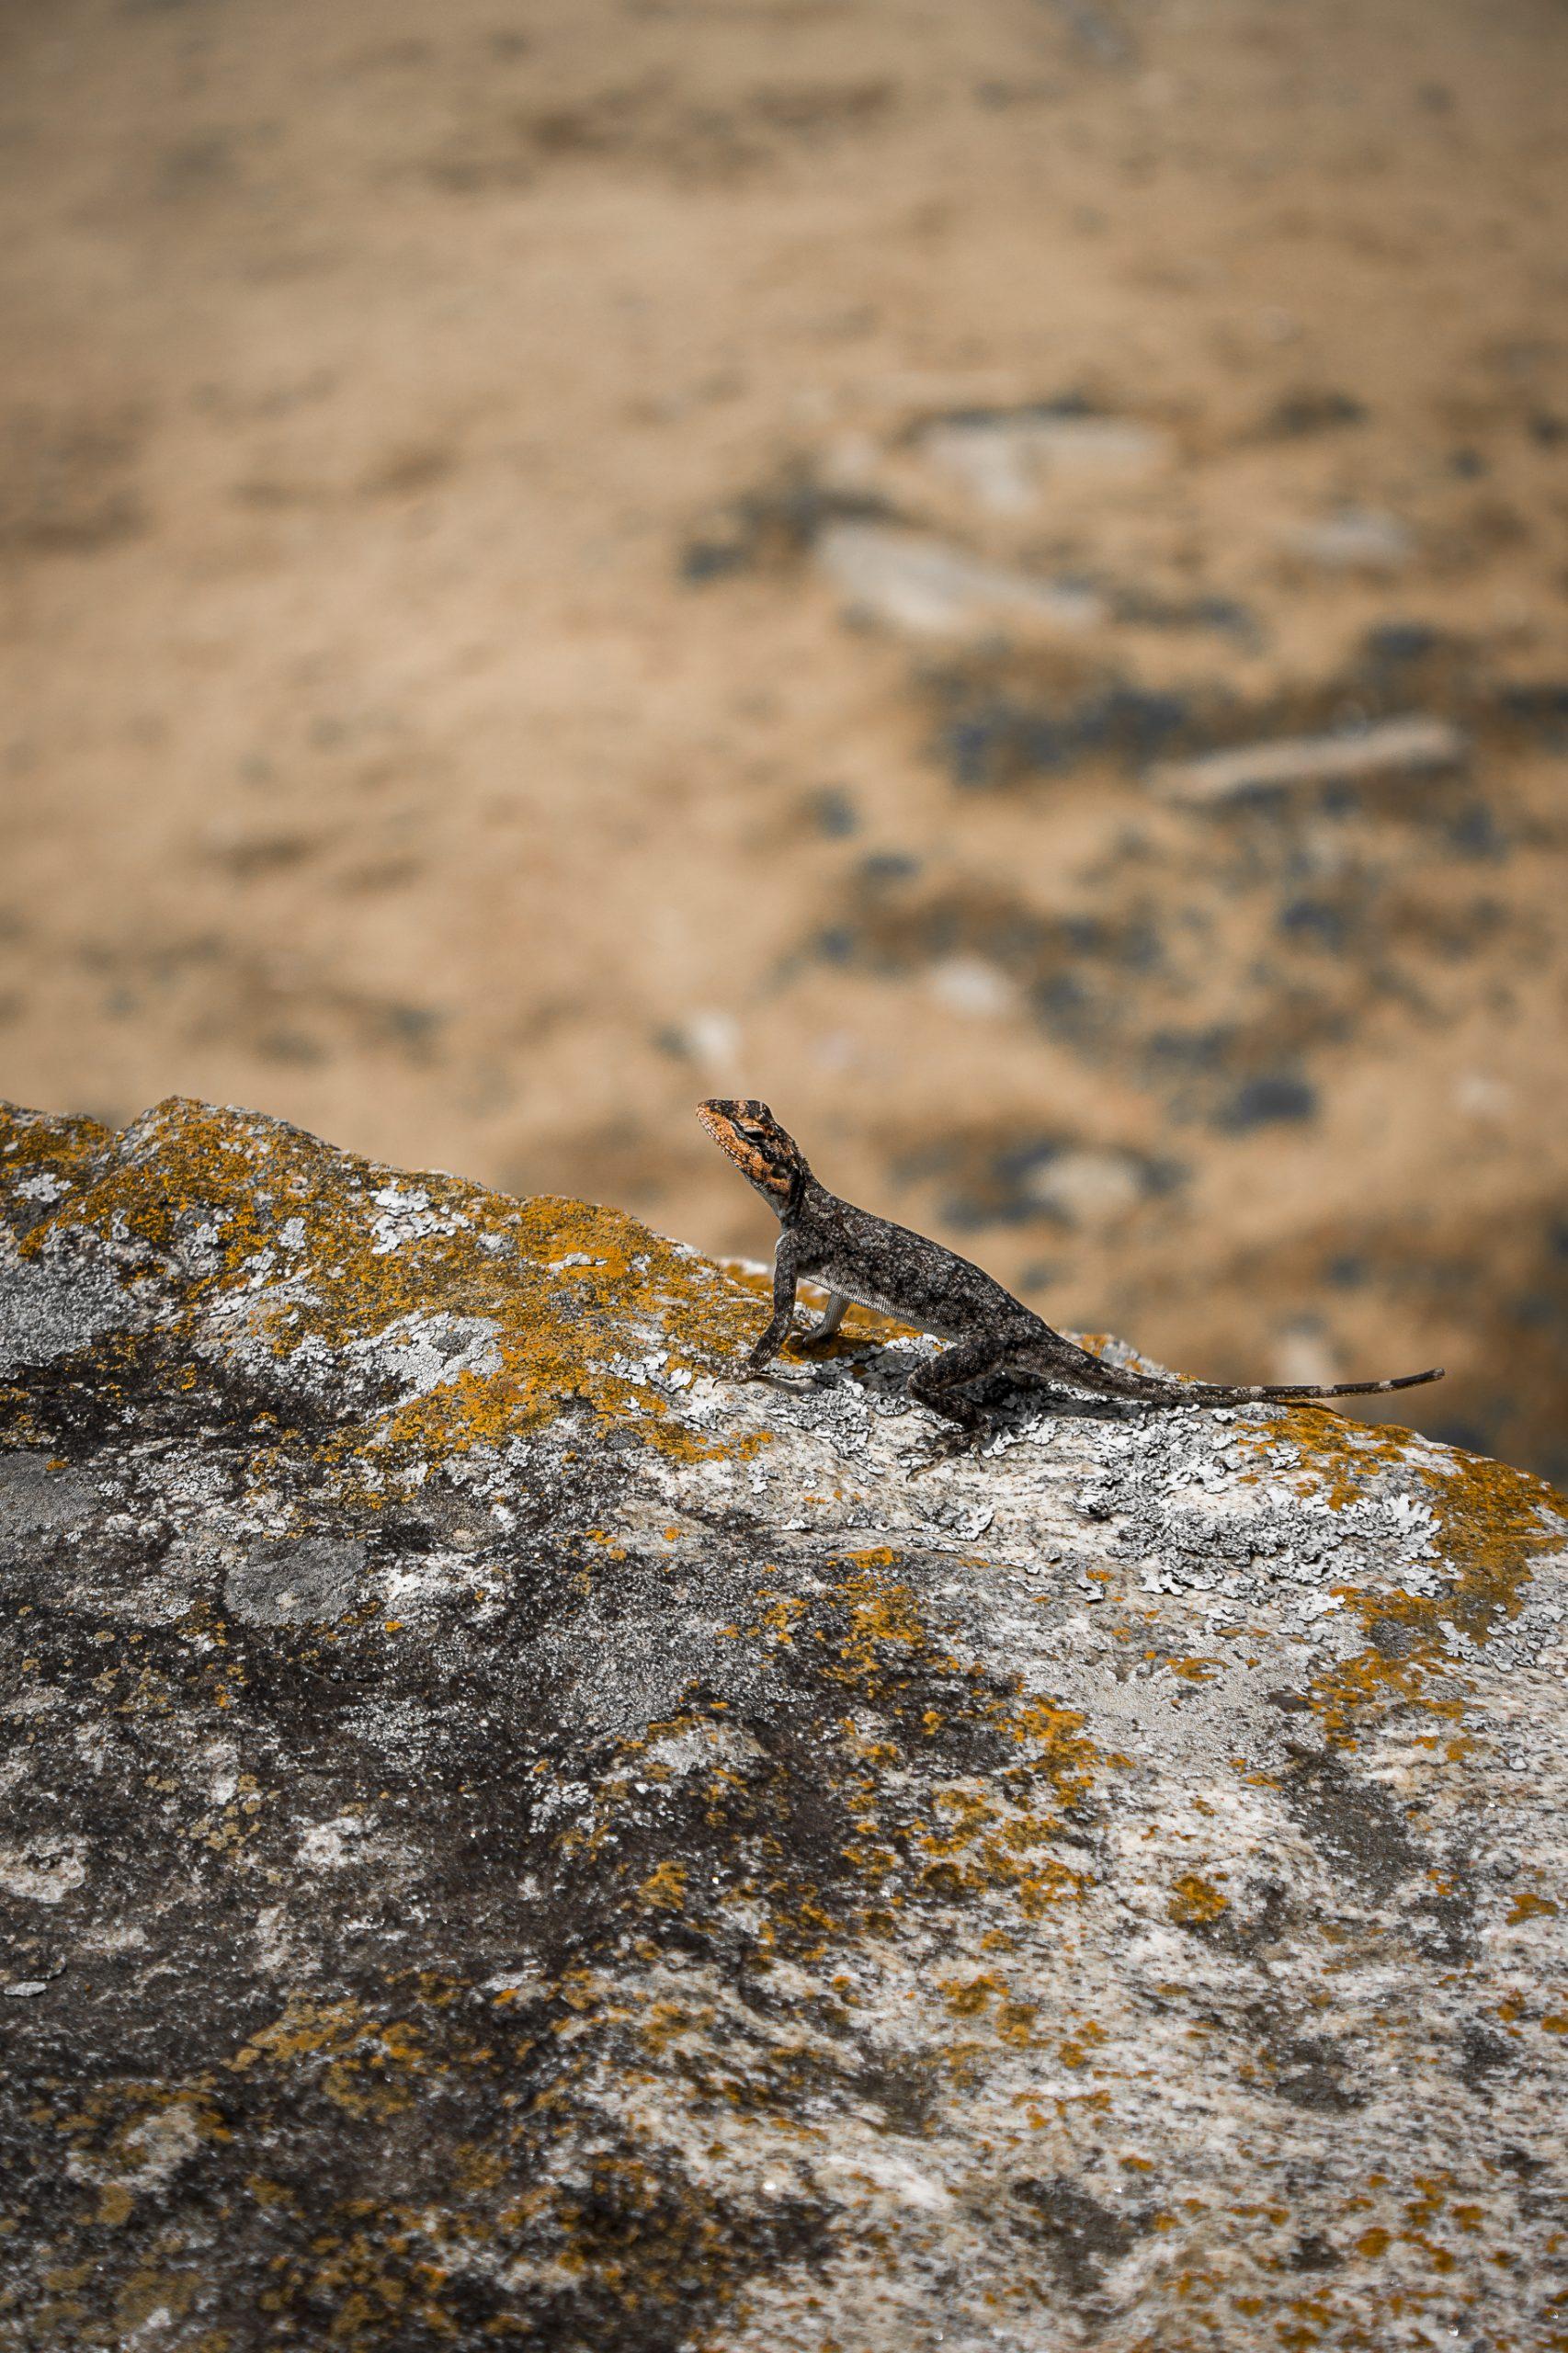 Portrait of a Garden Lizard on rock